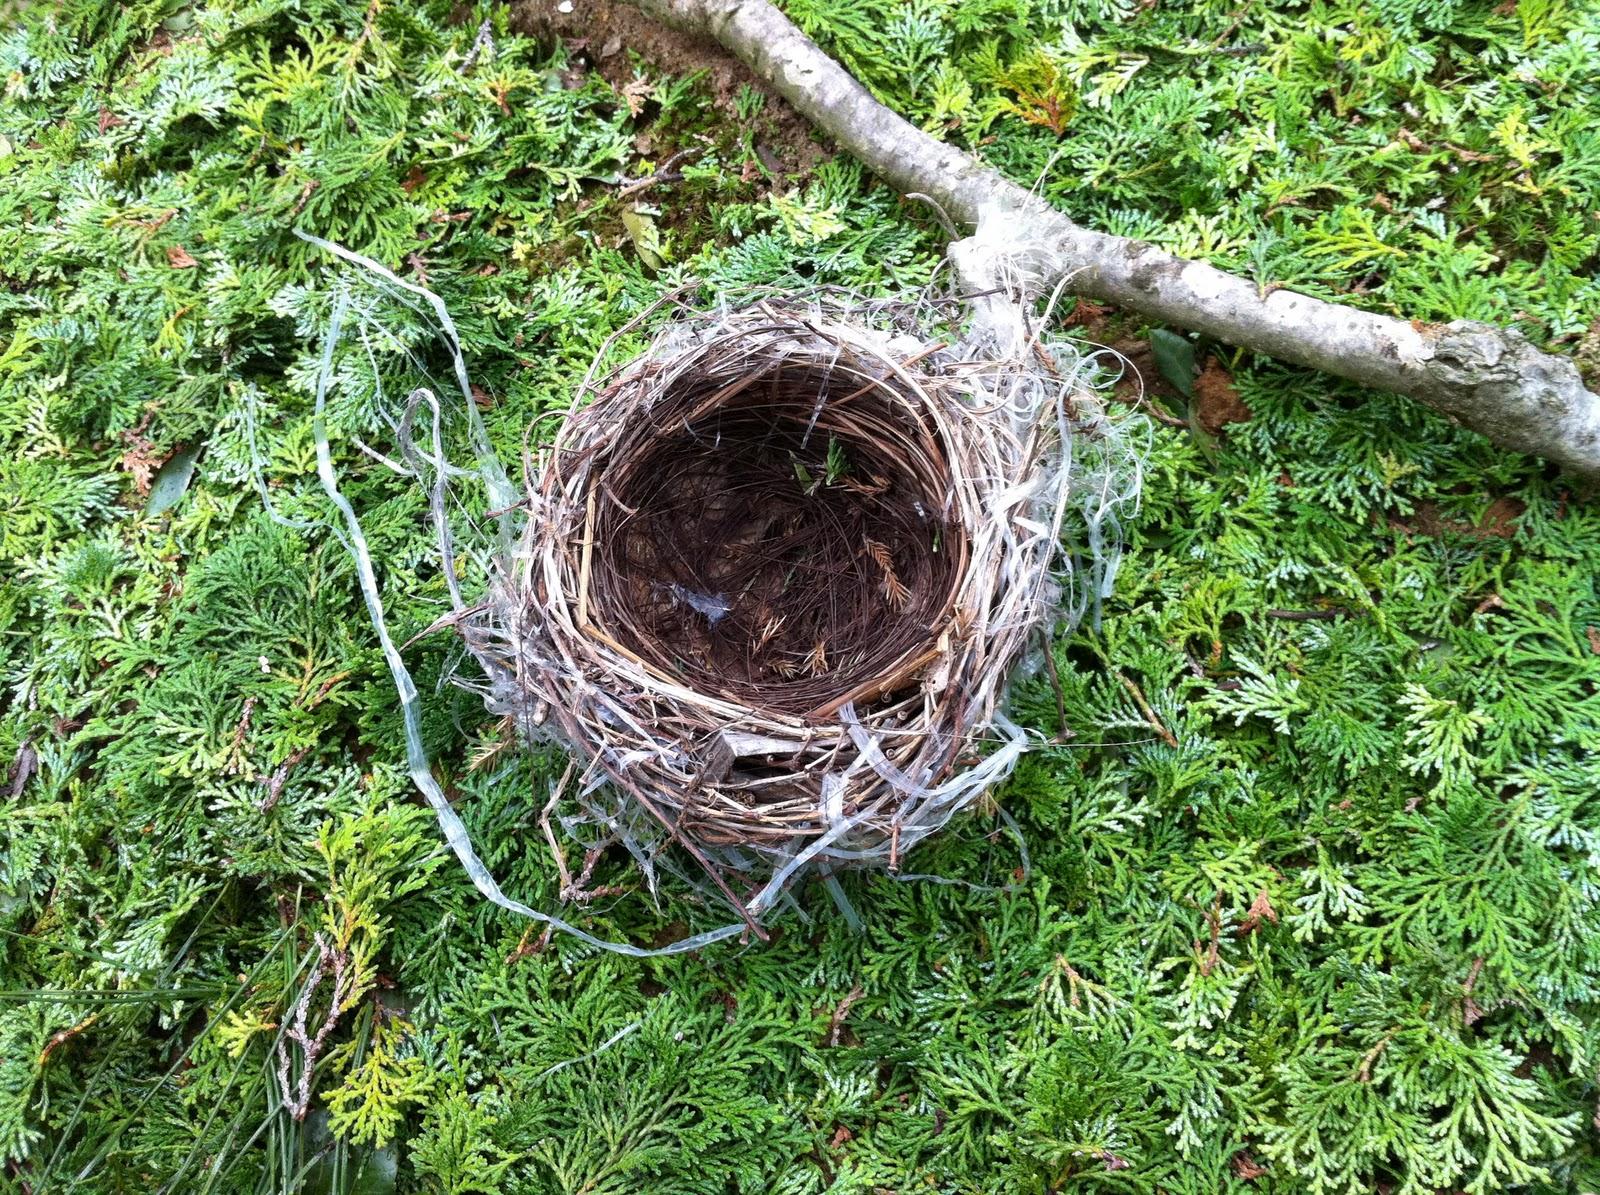 GENIUS LOCI ブログ: 鳥の巣